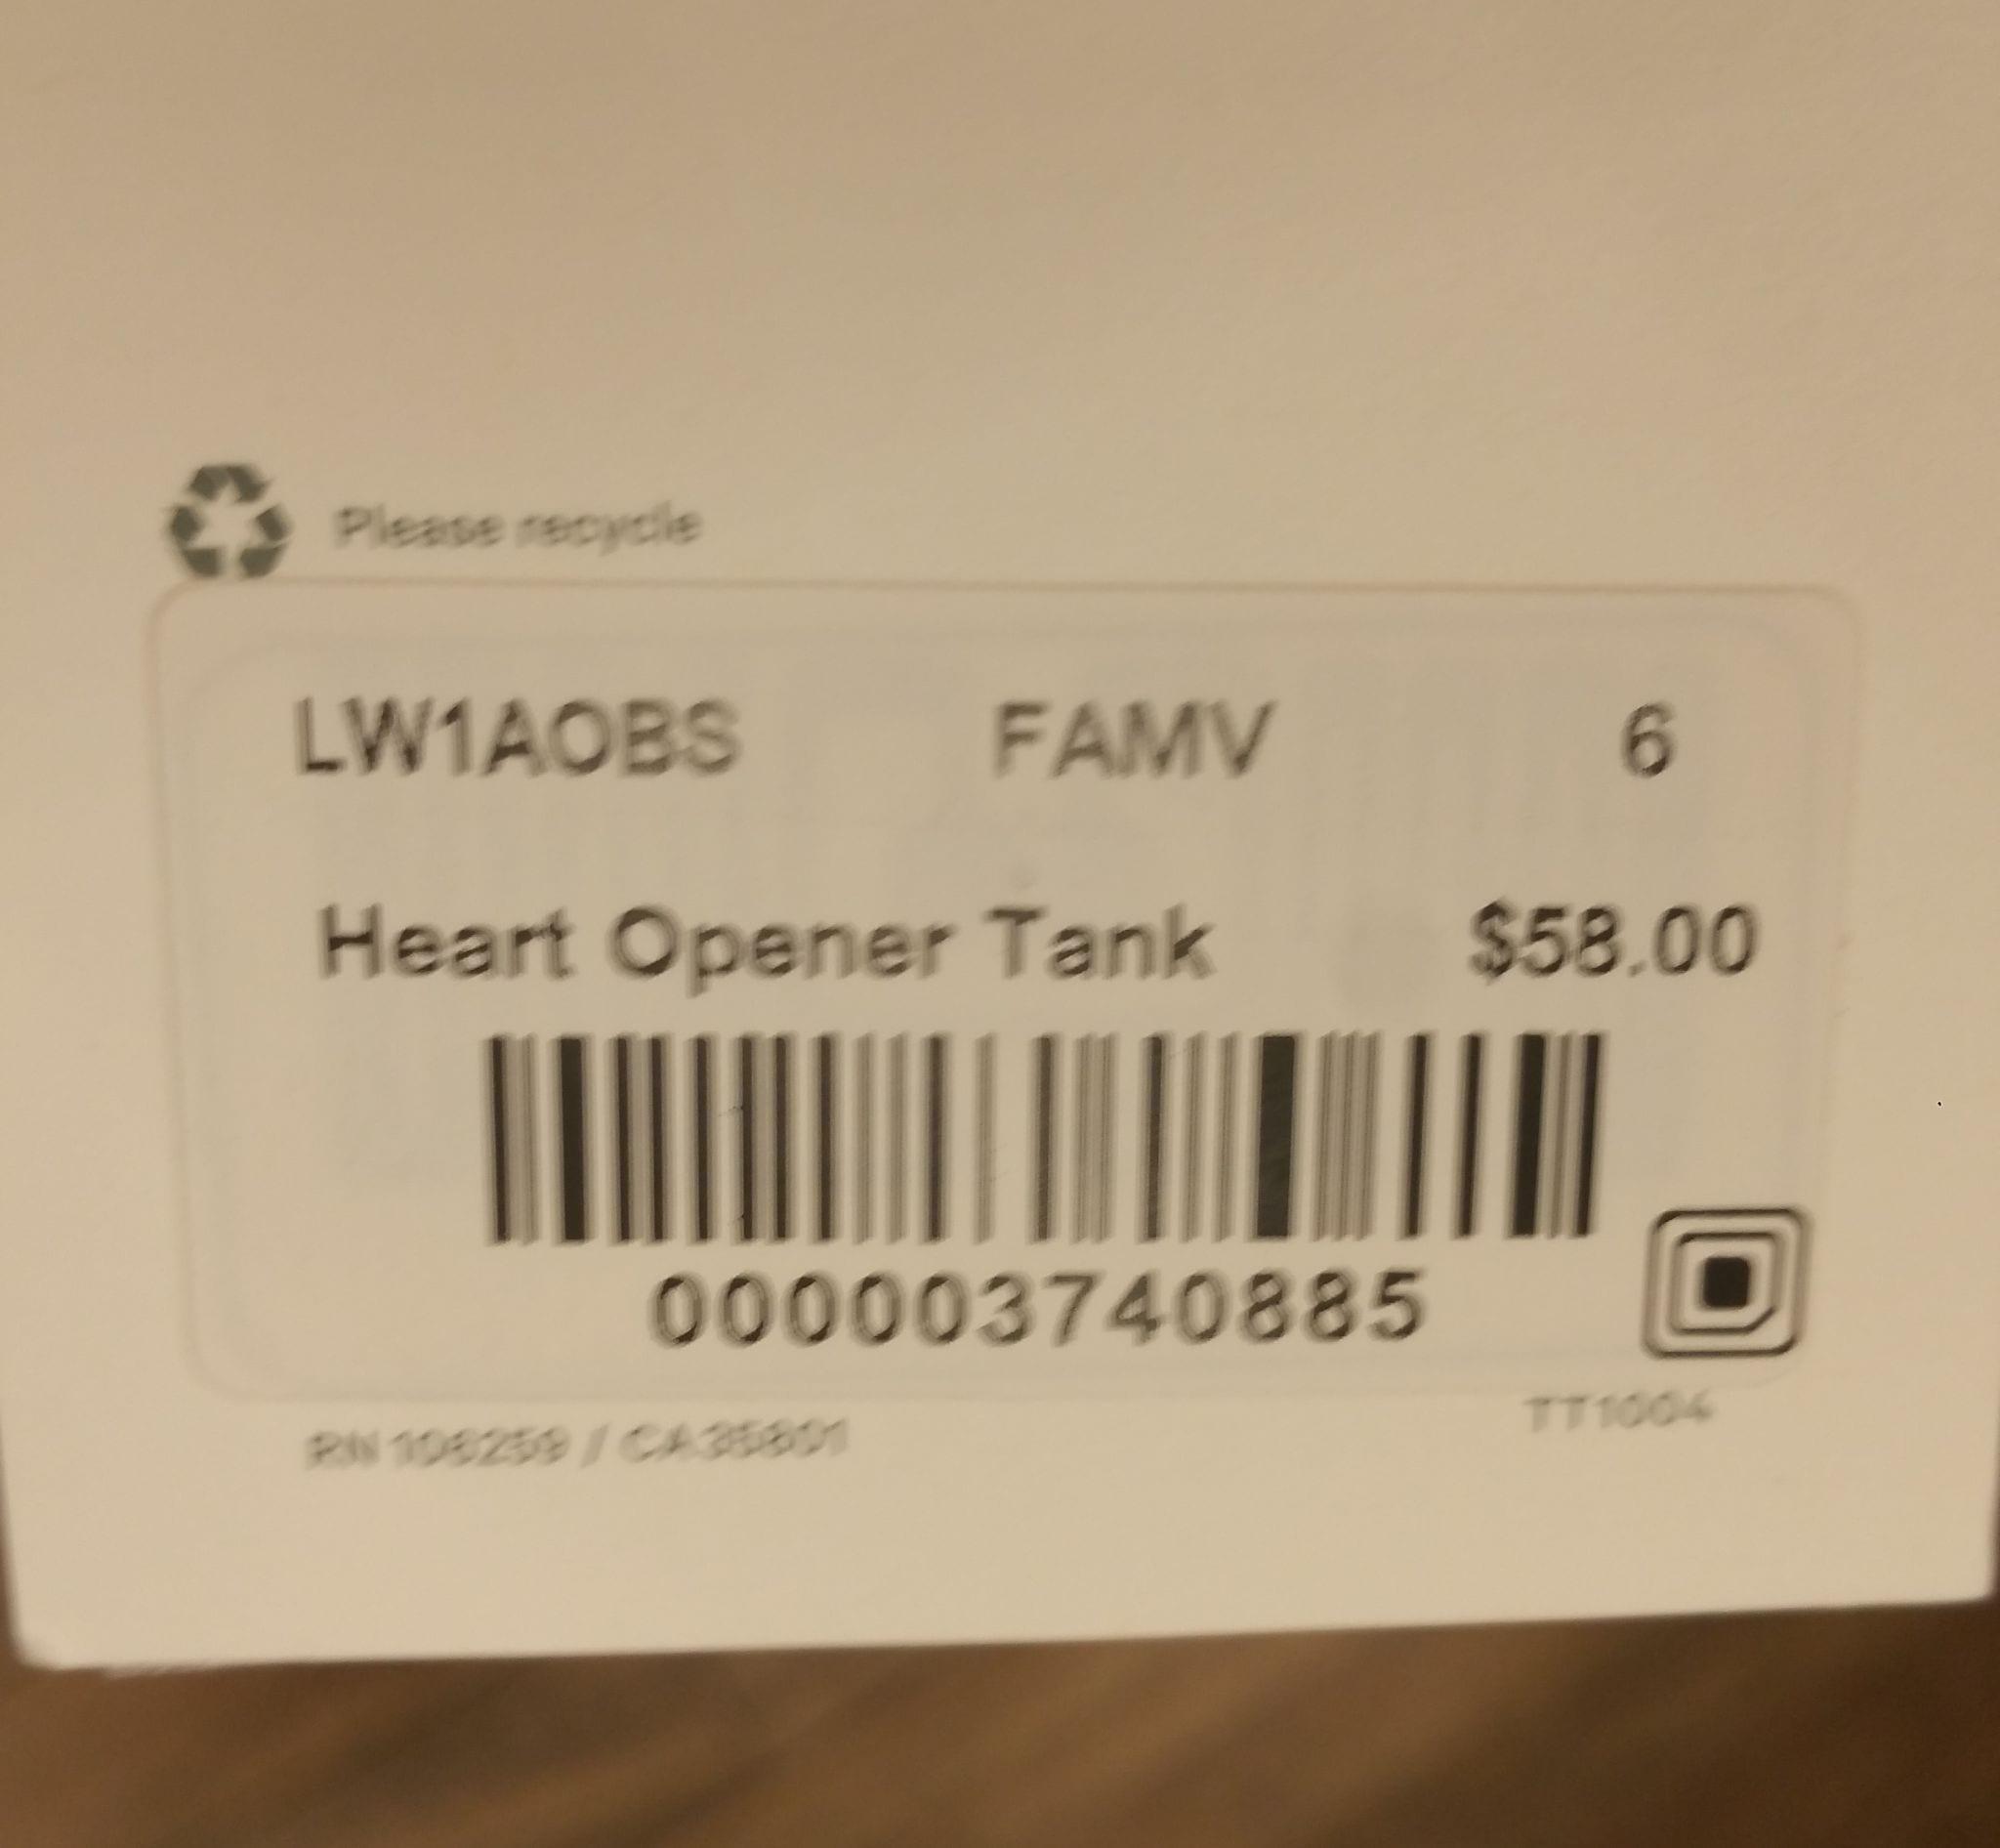 HEART OPENER TANK *TARYN TOOMEY COLLECTION